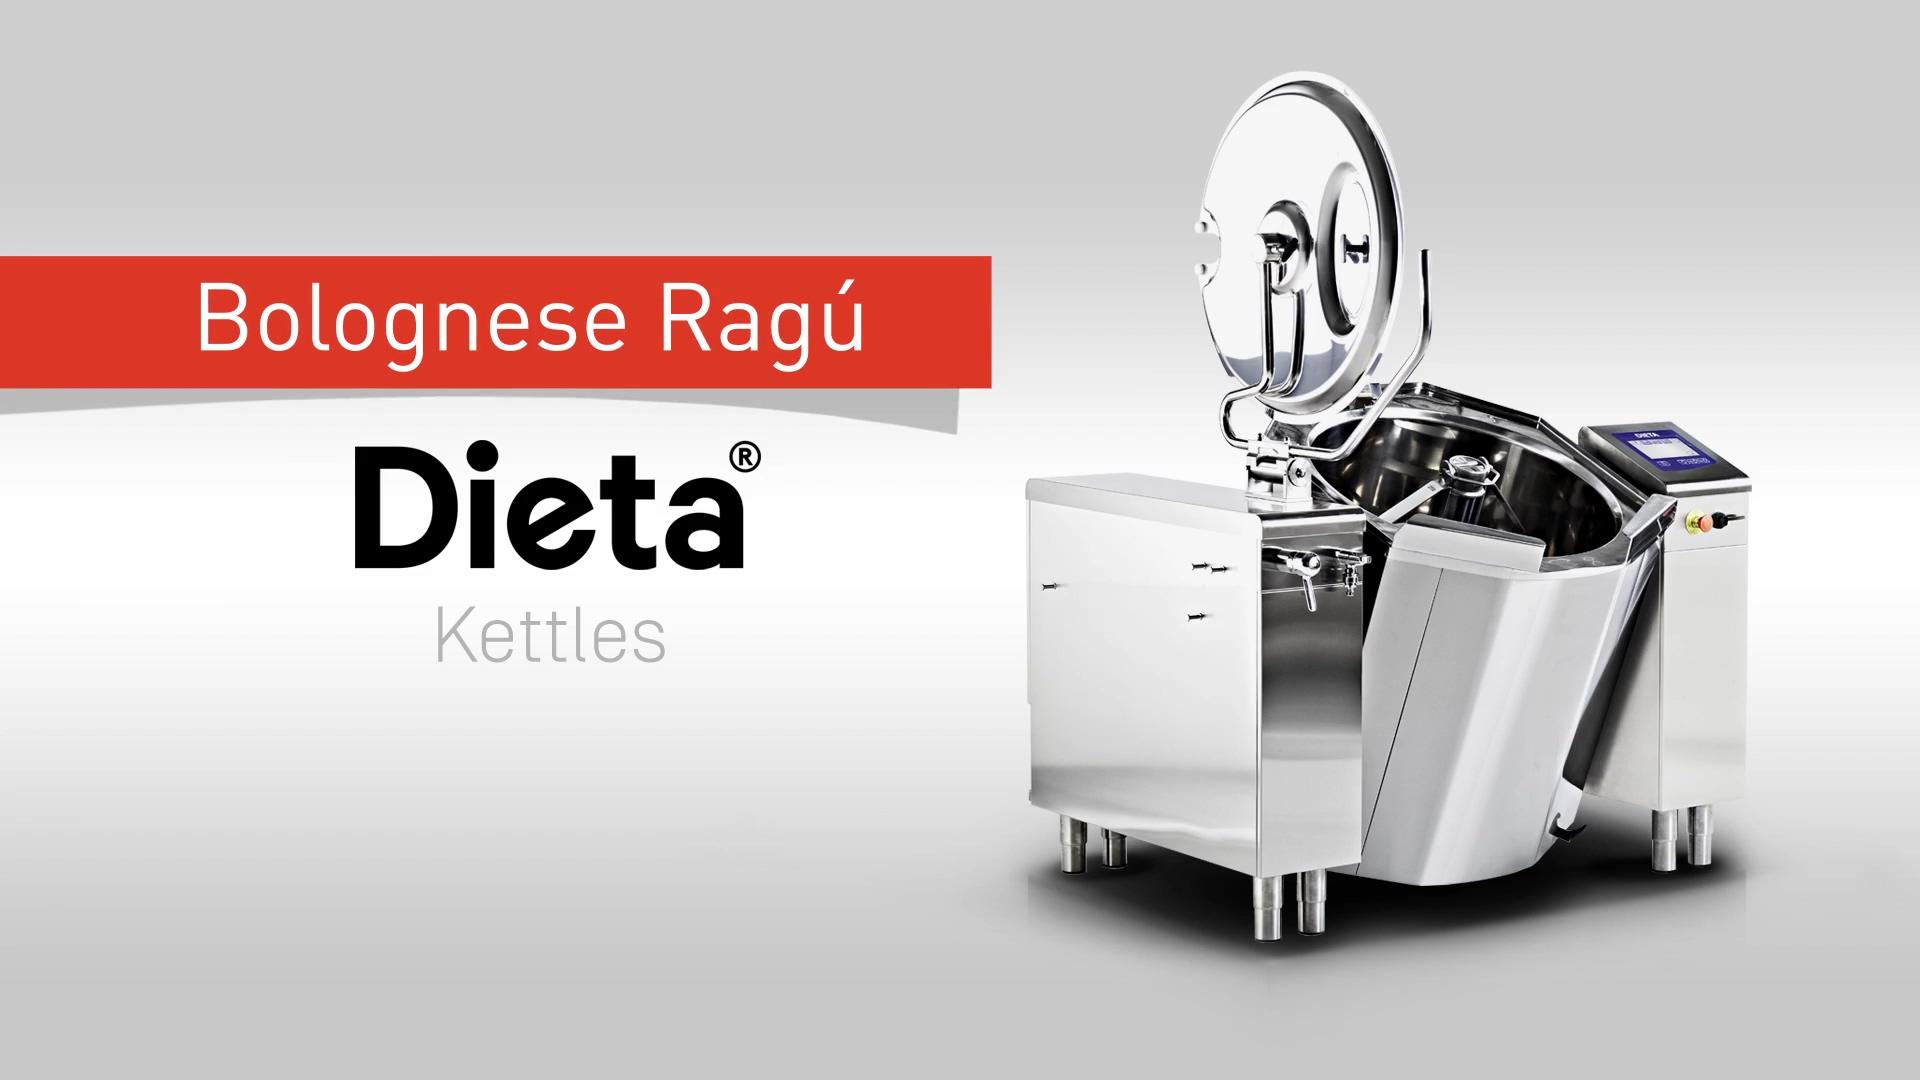 DIETA_bolognese_ragu